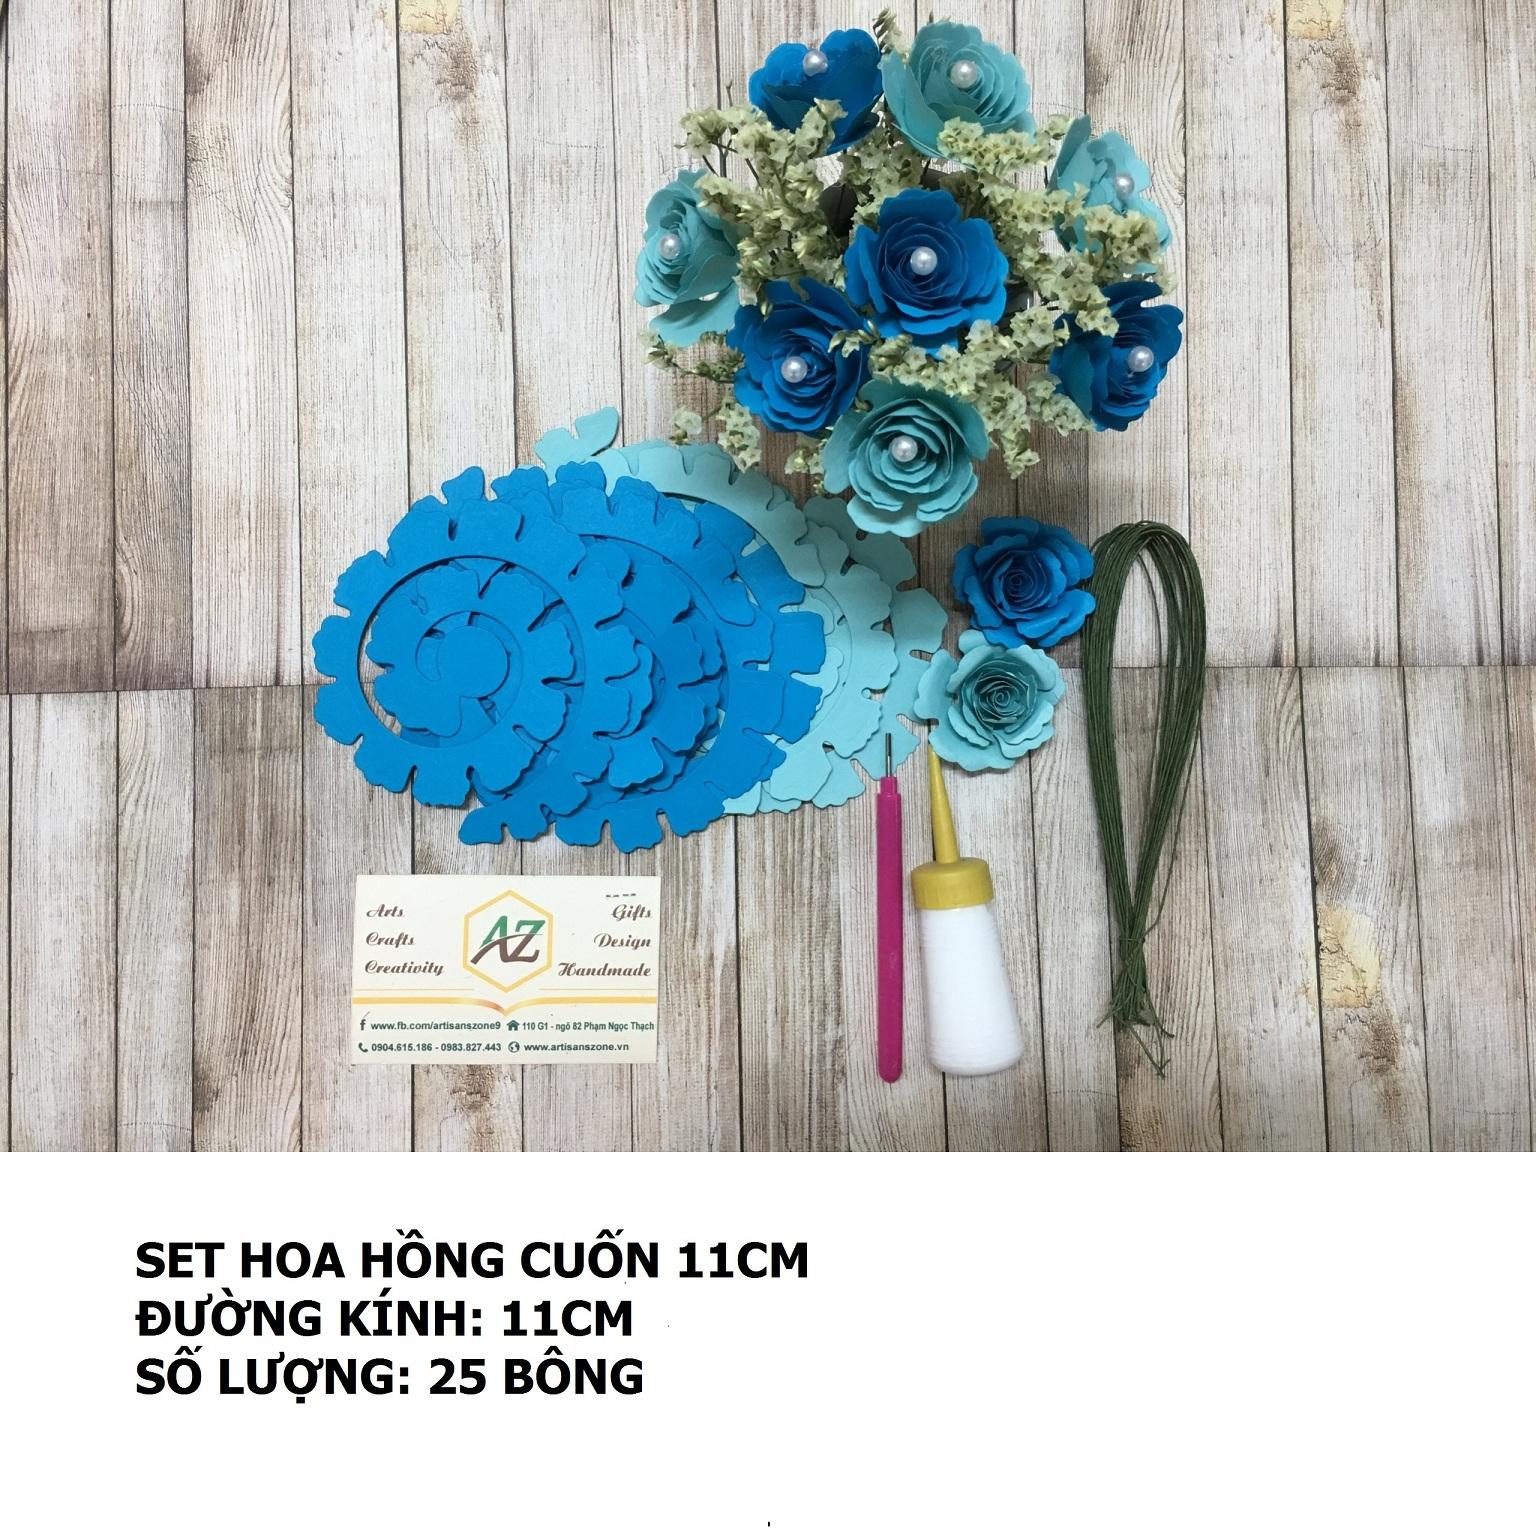 Bộ nguyên liệu làm hoa hồng cuốn 11cm_QC32